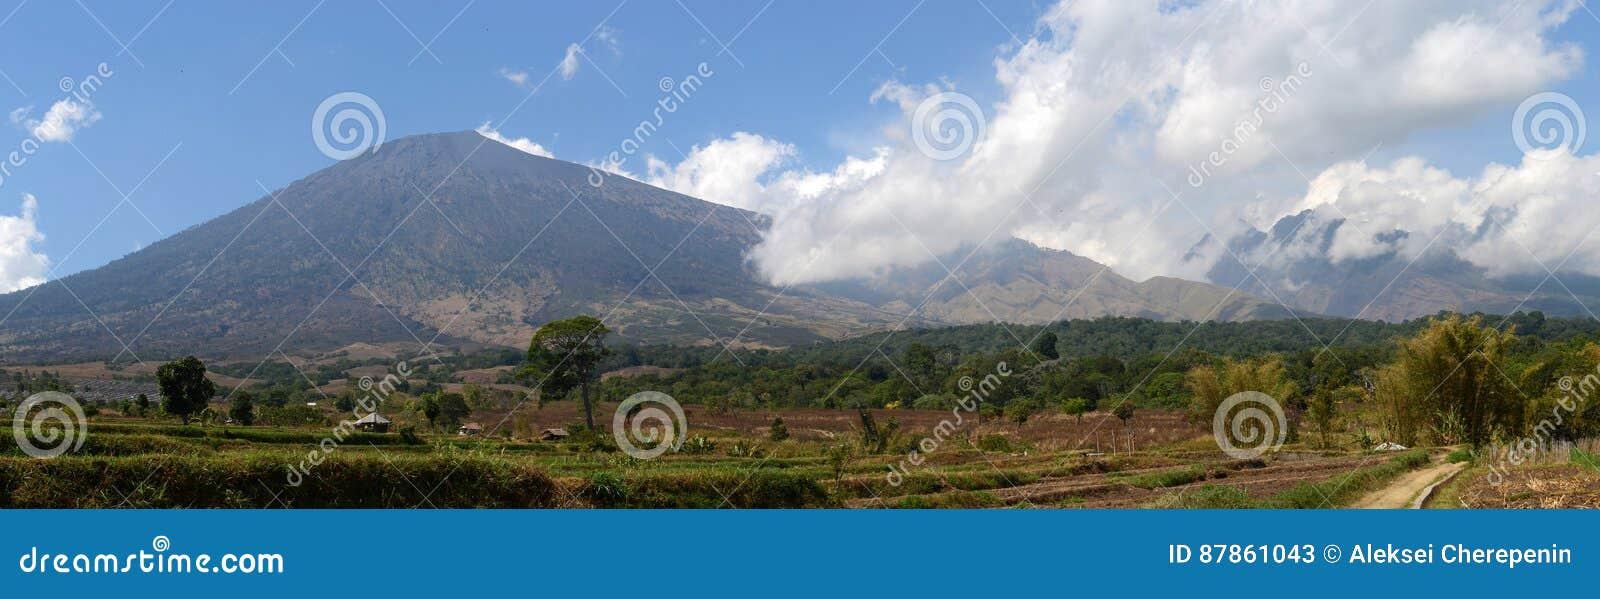 Panorama av monteringen Rinjani eller Gunung Rinjani, aktiv vulkan i Indonesien på ön av Lombok